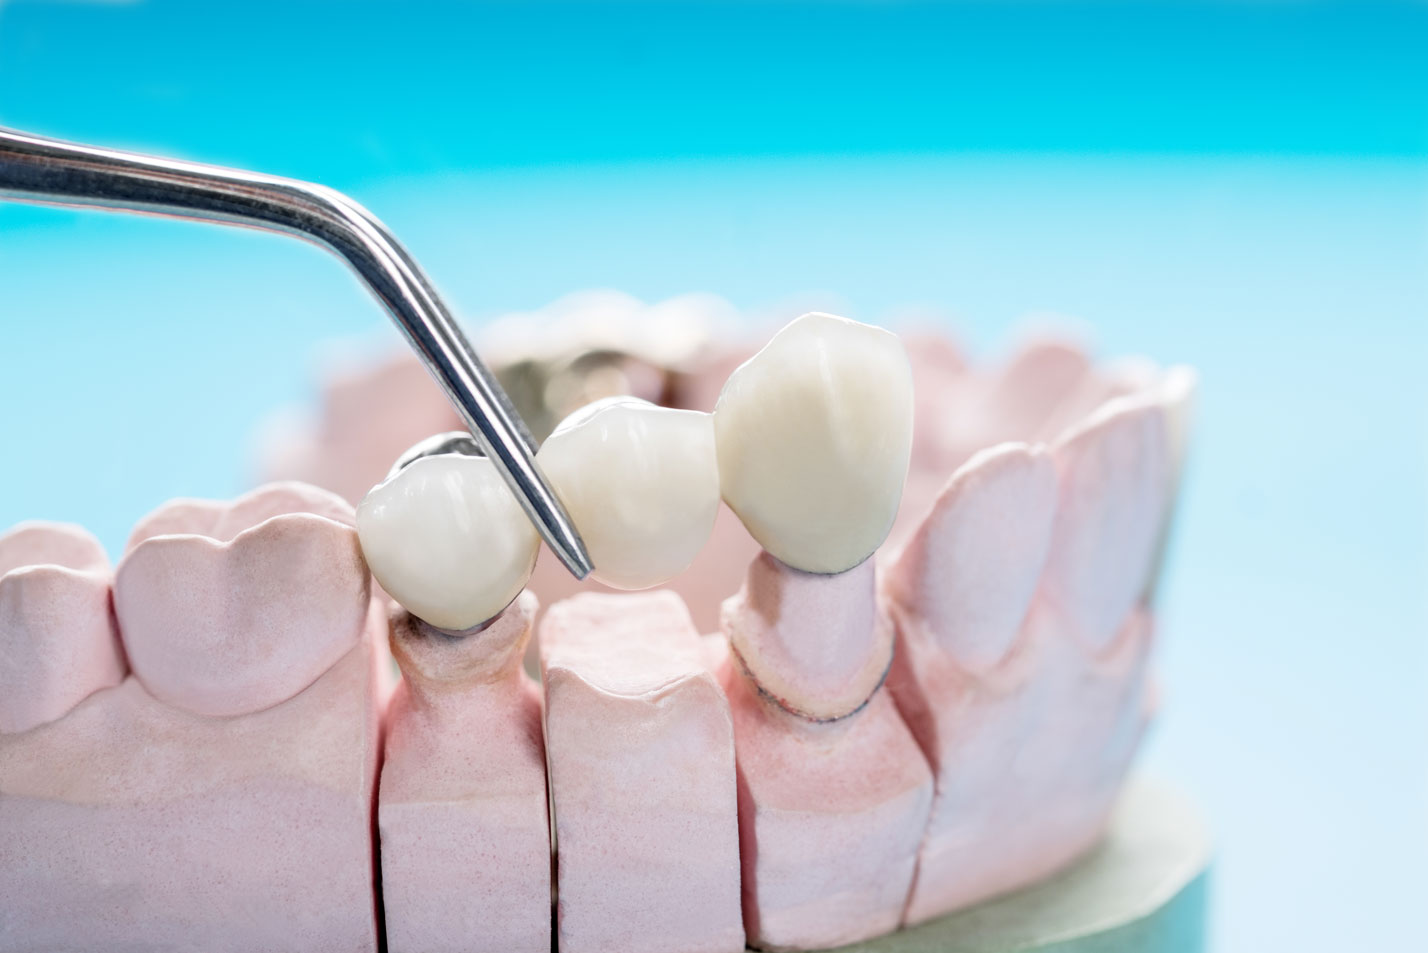 Что такое зубопротезирование: виды протезов и их описание, цена протезирования зубов в москве, советы врачей